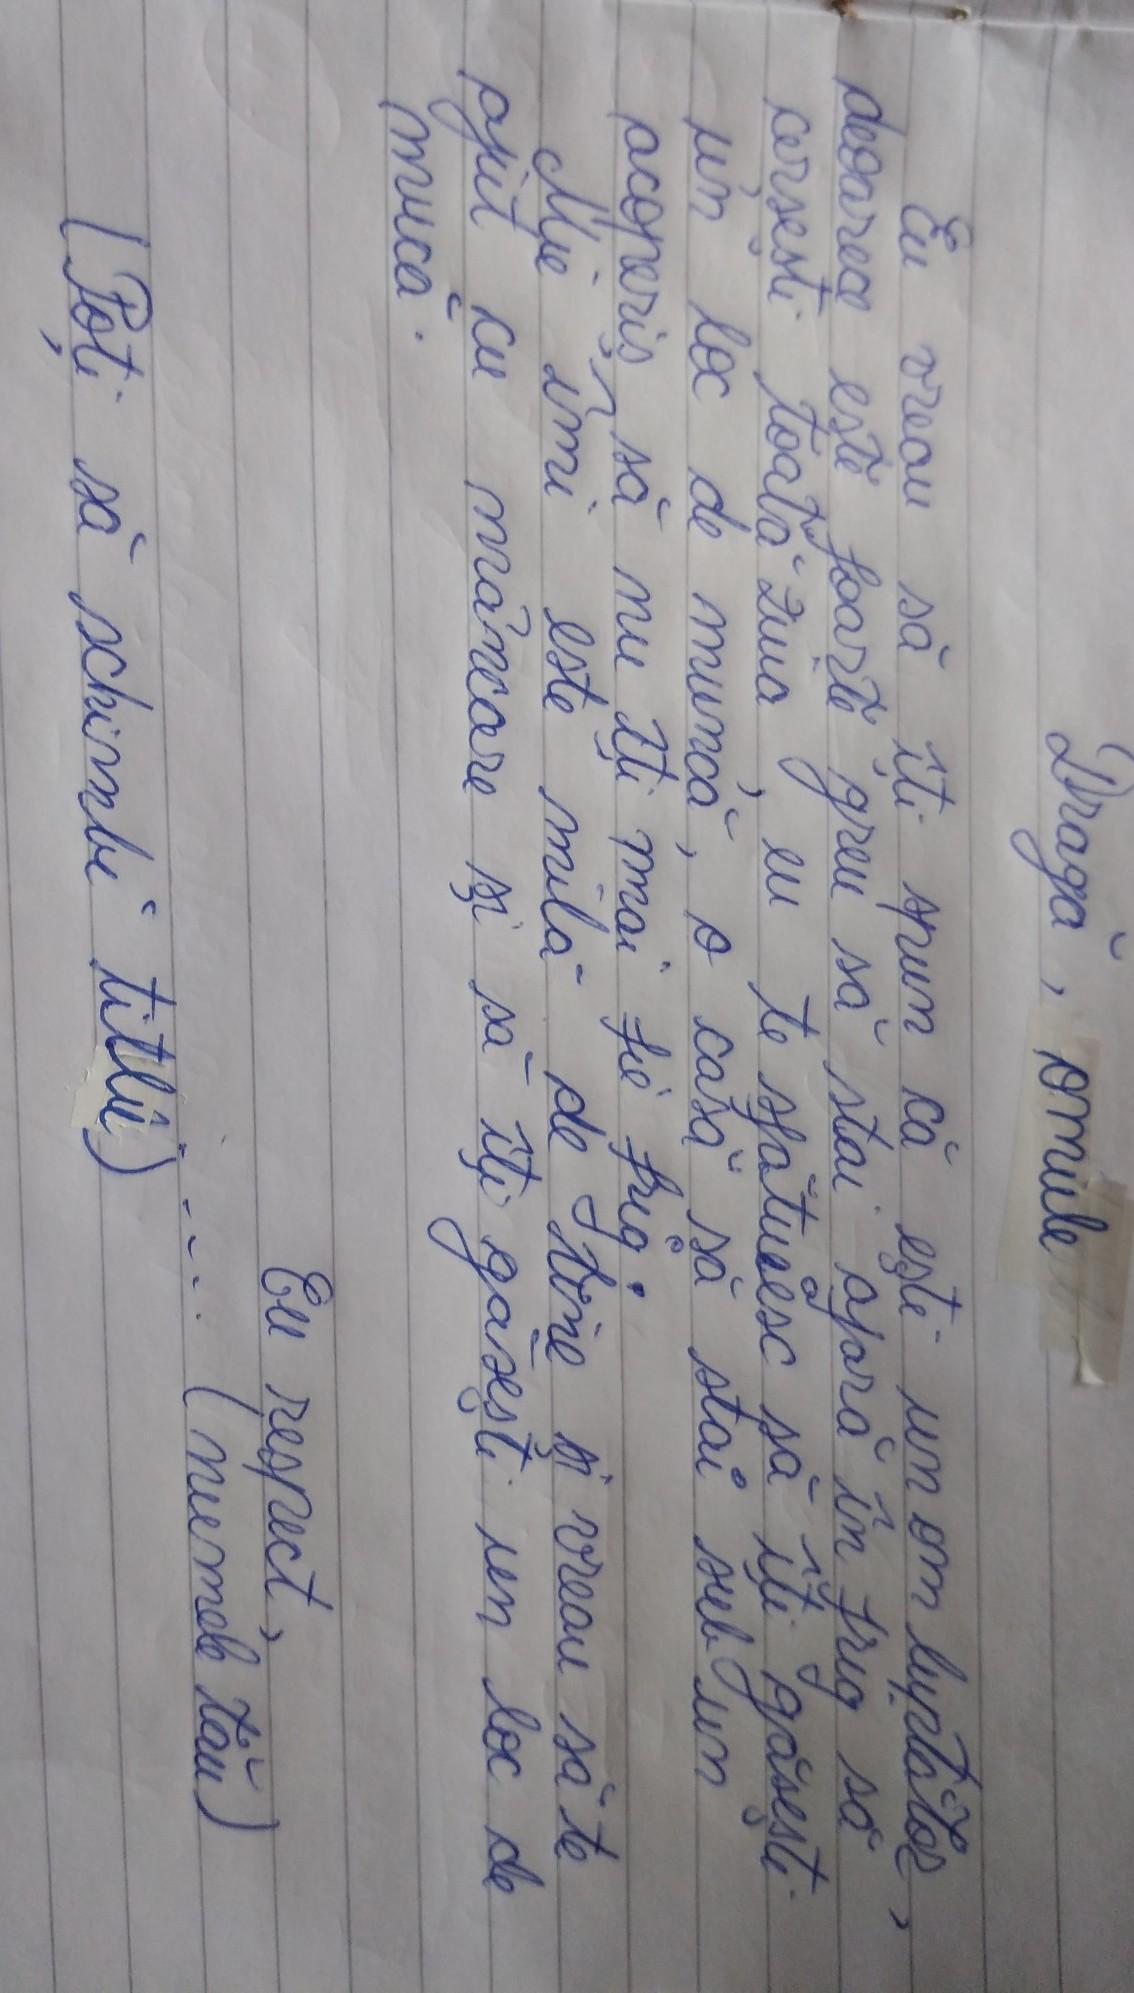 scrie o scrisoare unui rom care cerseste - Brainly.ro